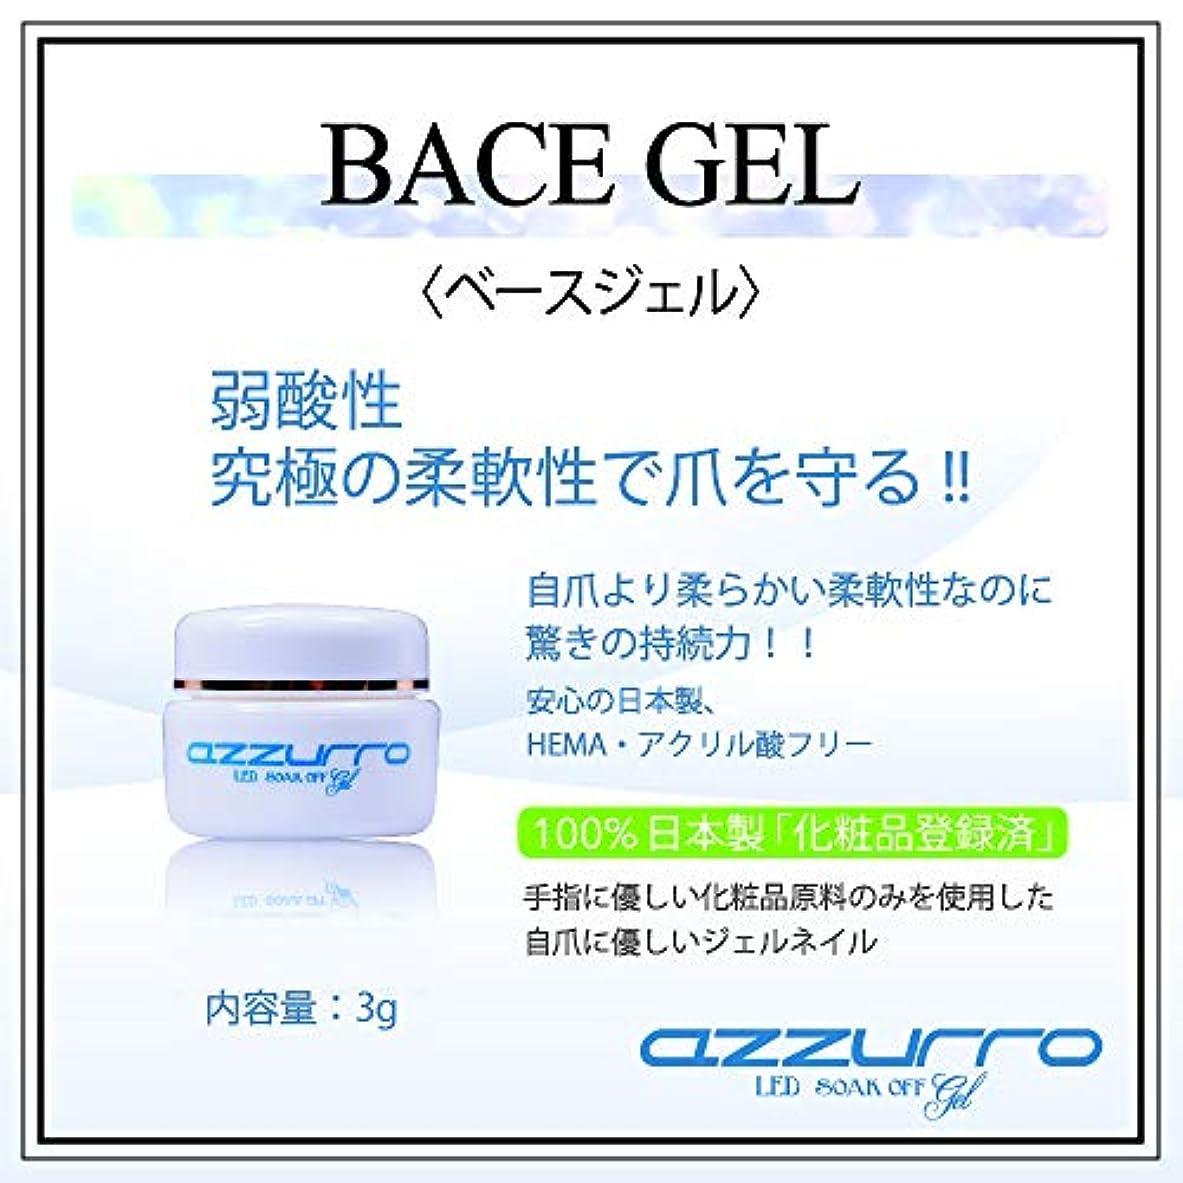 信条代表パークazzurro gel アッズーロ ベースジェル 日本製 驚きの密着力 リムーバーでオフも簡単3g